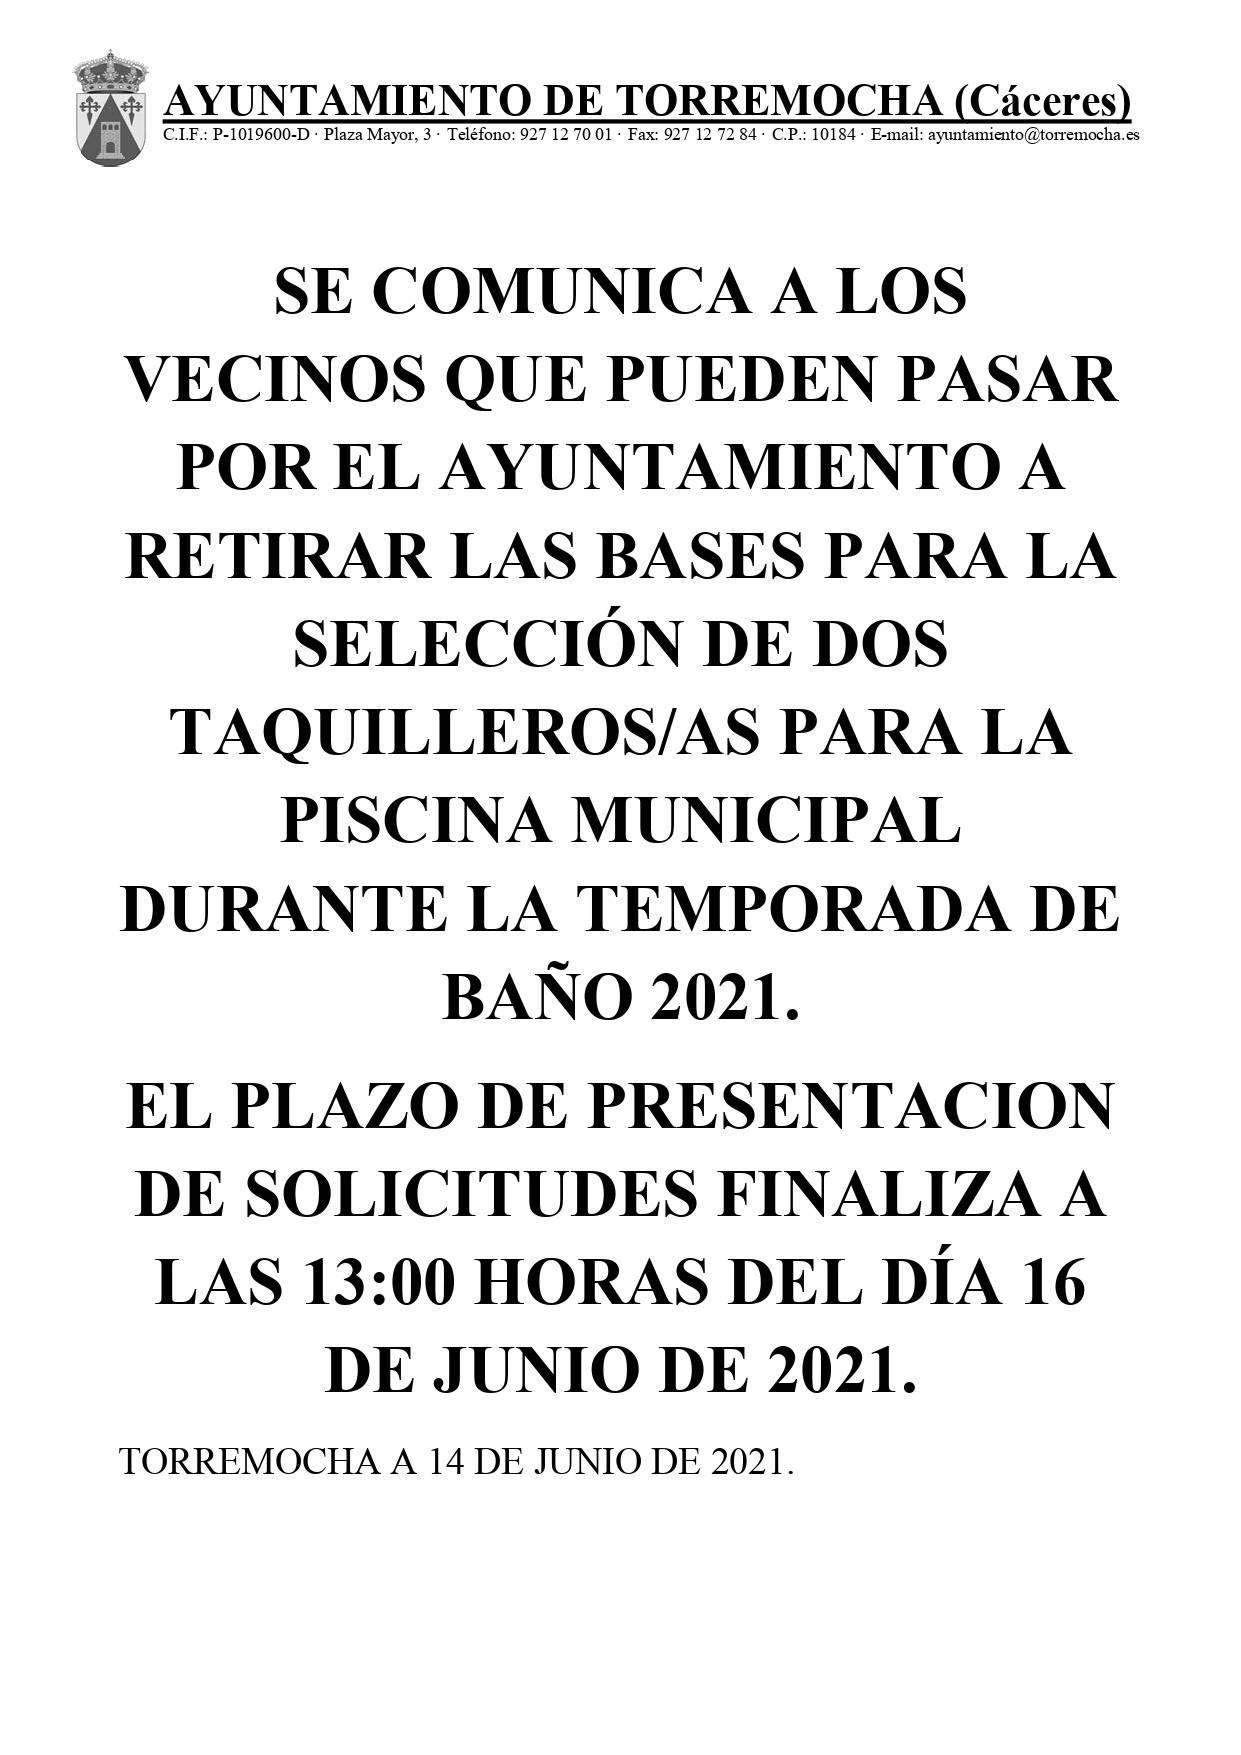 2 taquilleros-as para la piscina municipal (2021) - Torremocha (Cáceres)